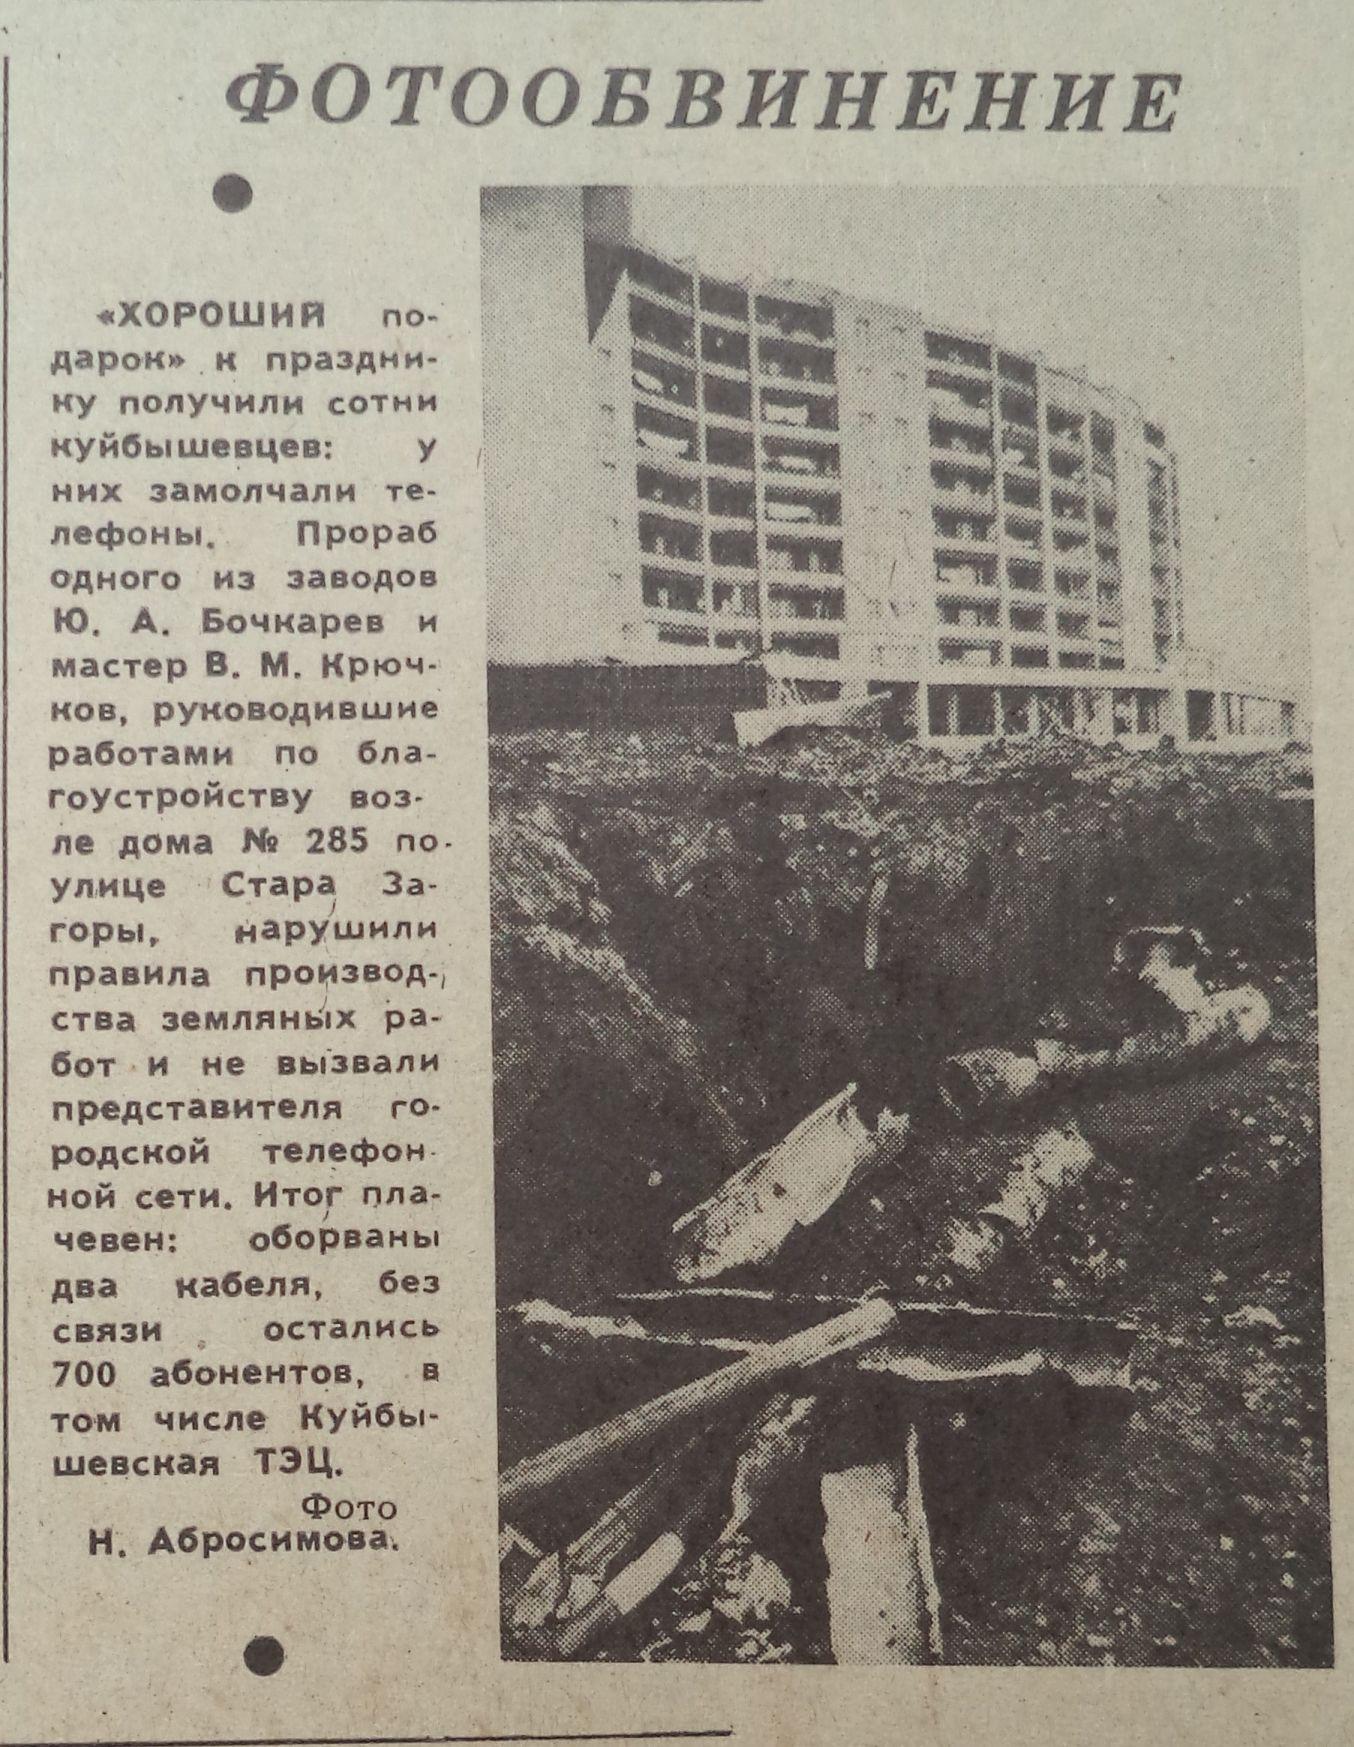 Стара Загора-ФОТО-135-ВЗя-1986-11-11-на СЗ-285-min